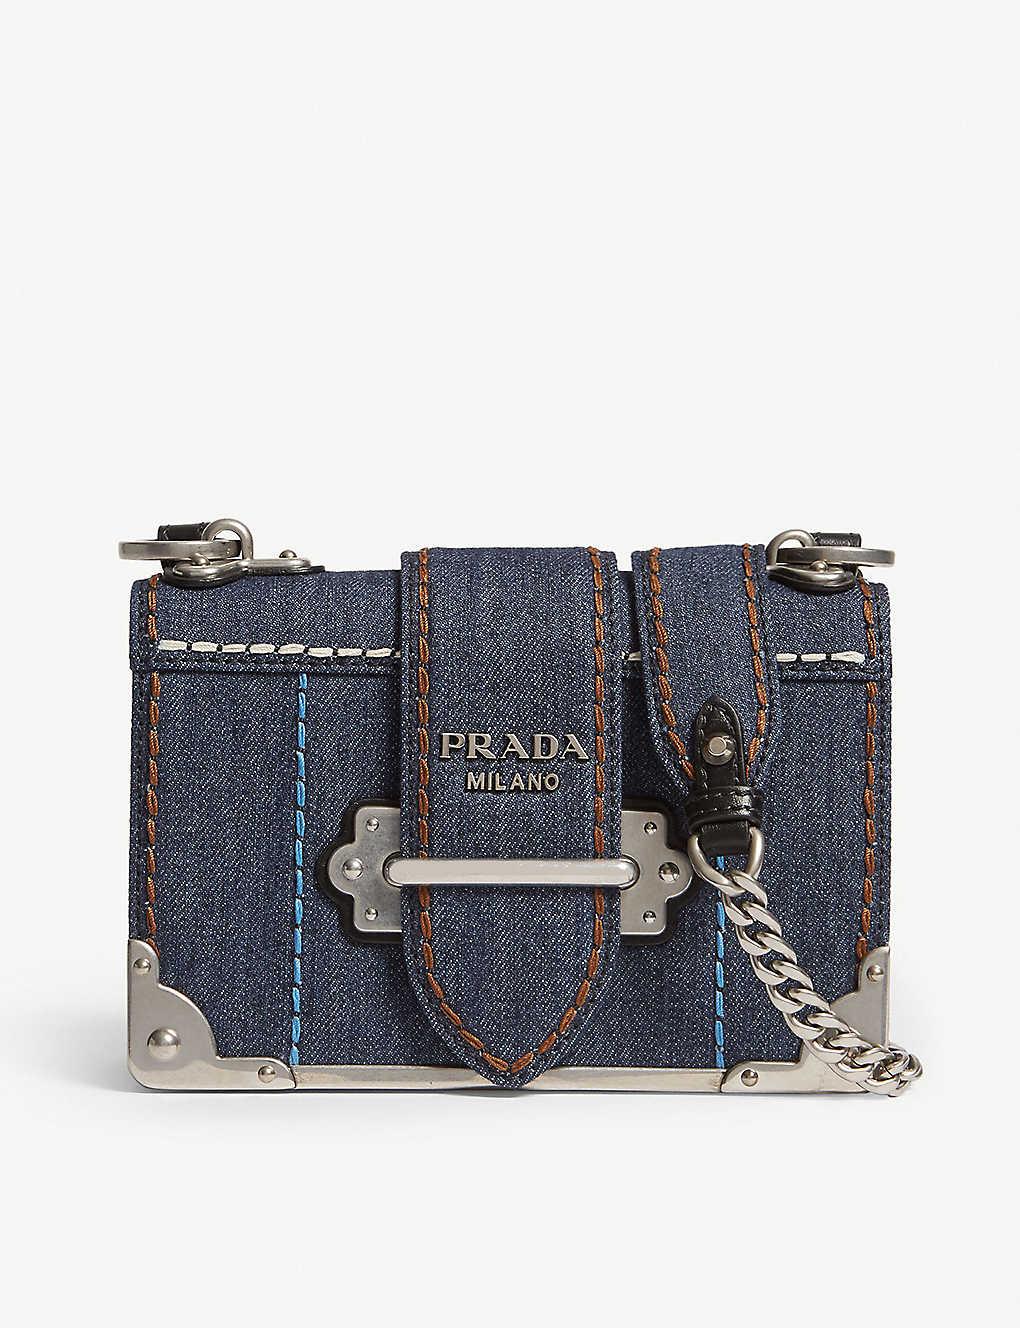 PRADA - Cahier denim mini shoulder bag  c24ea2b9f988b